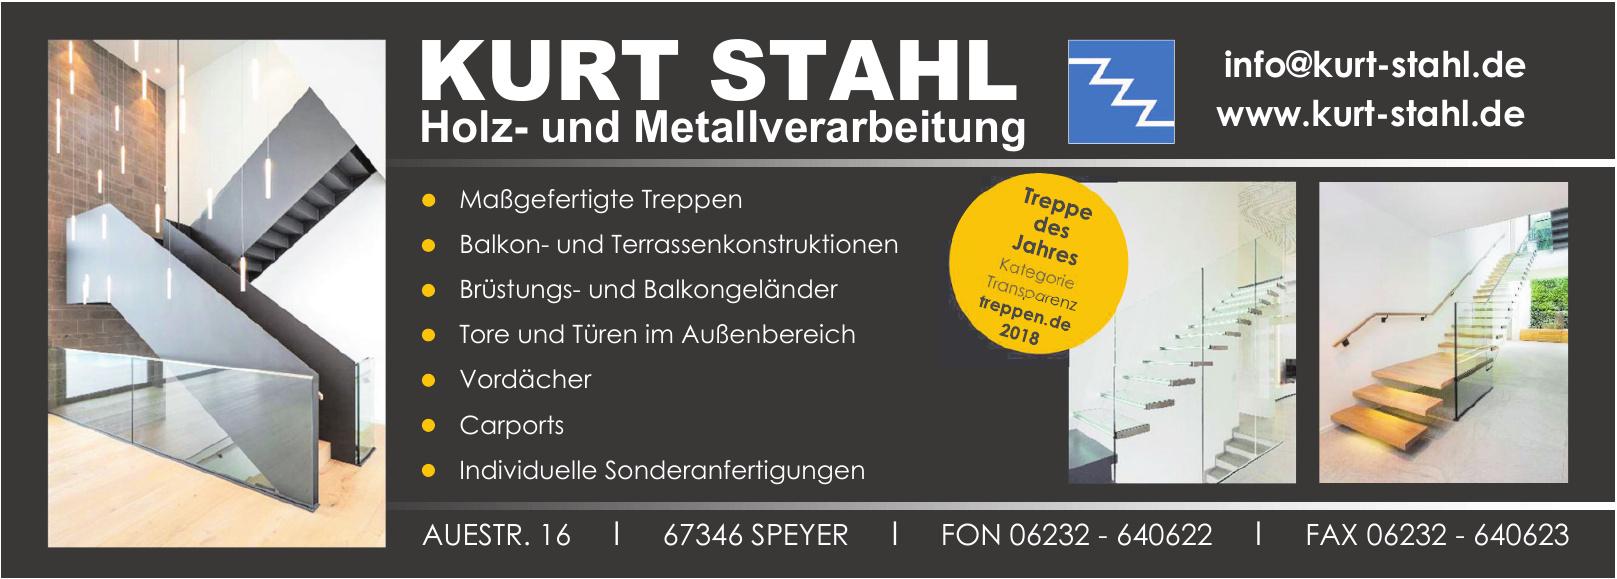 Kurt Stahl Holz- und Metallverarbeitung